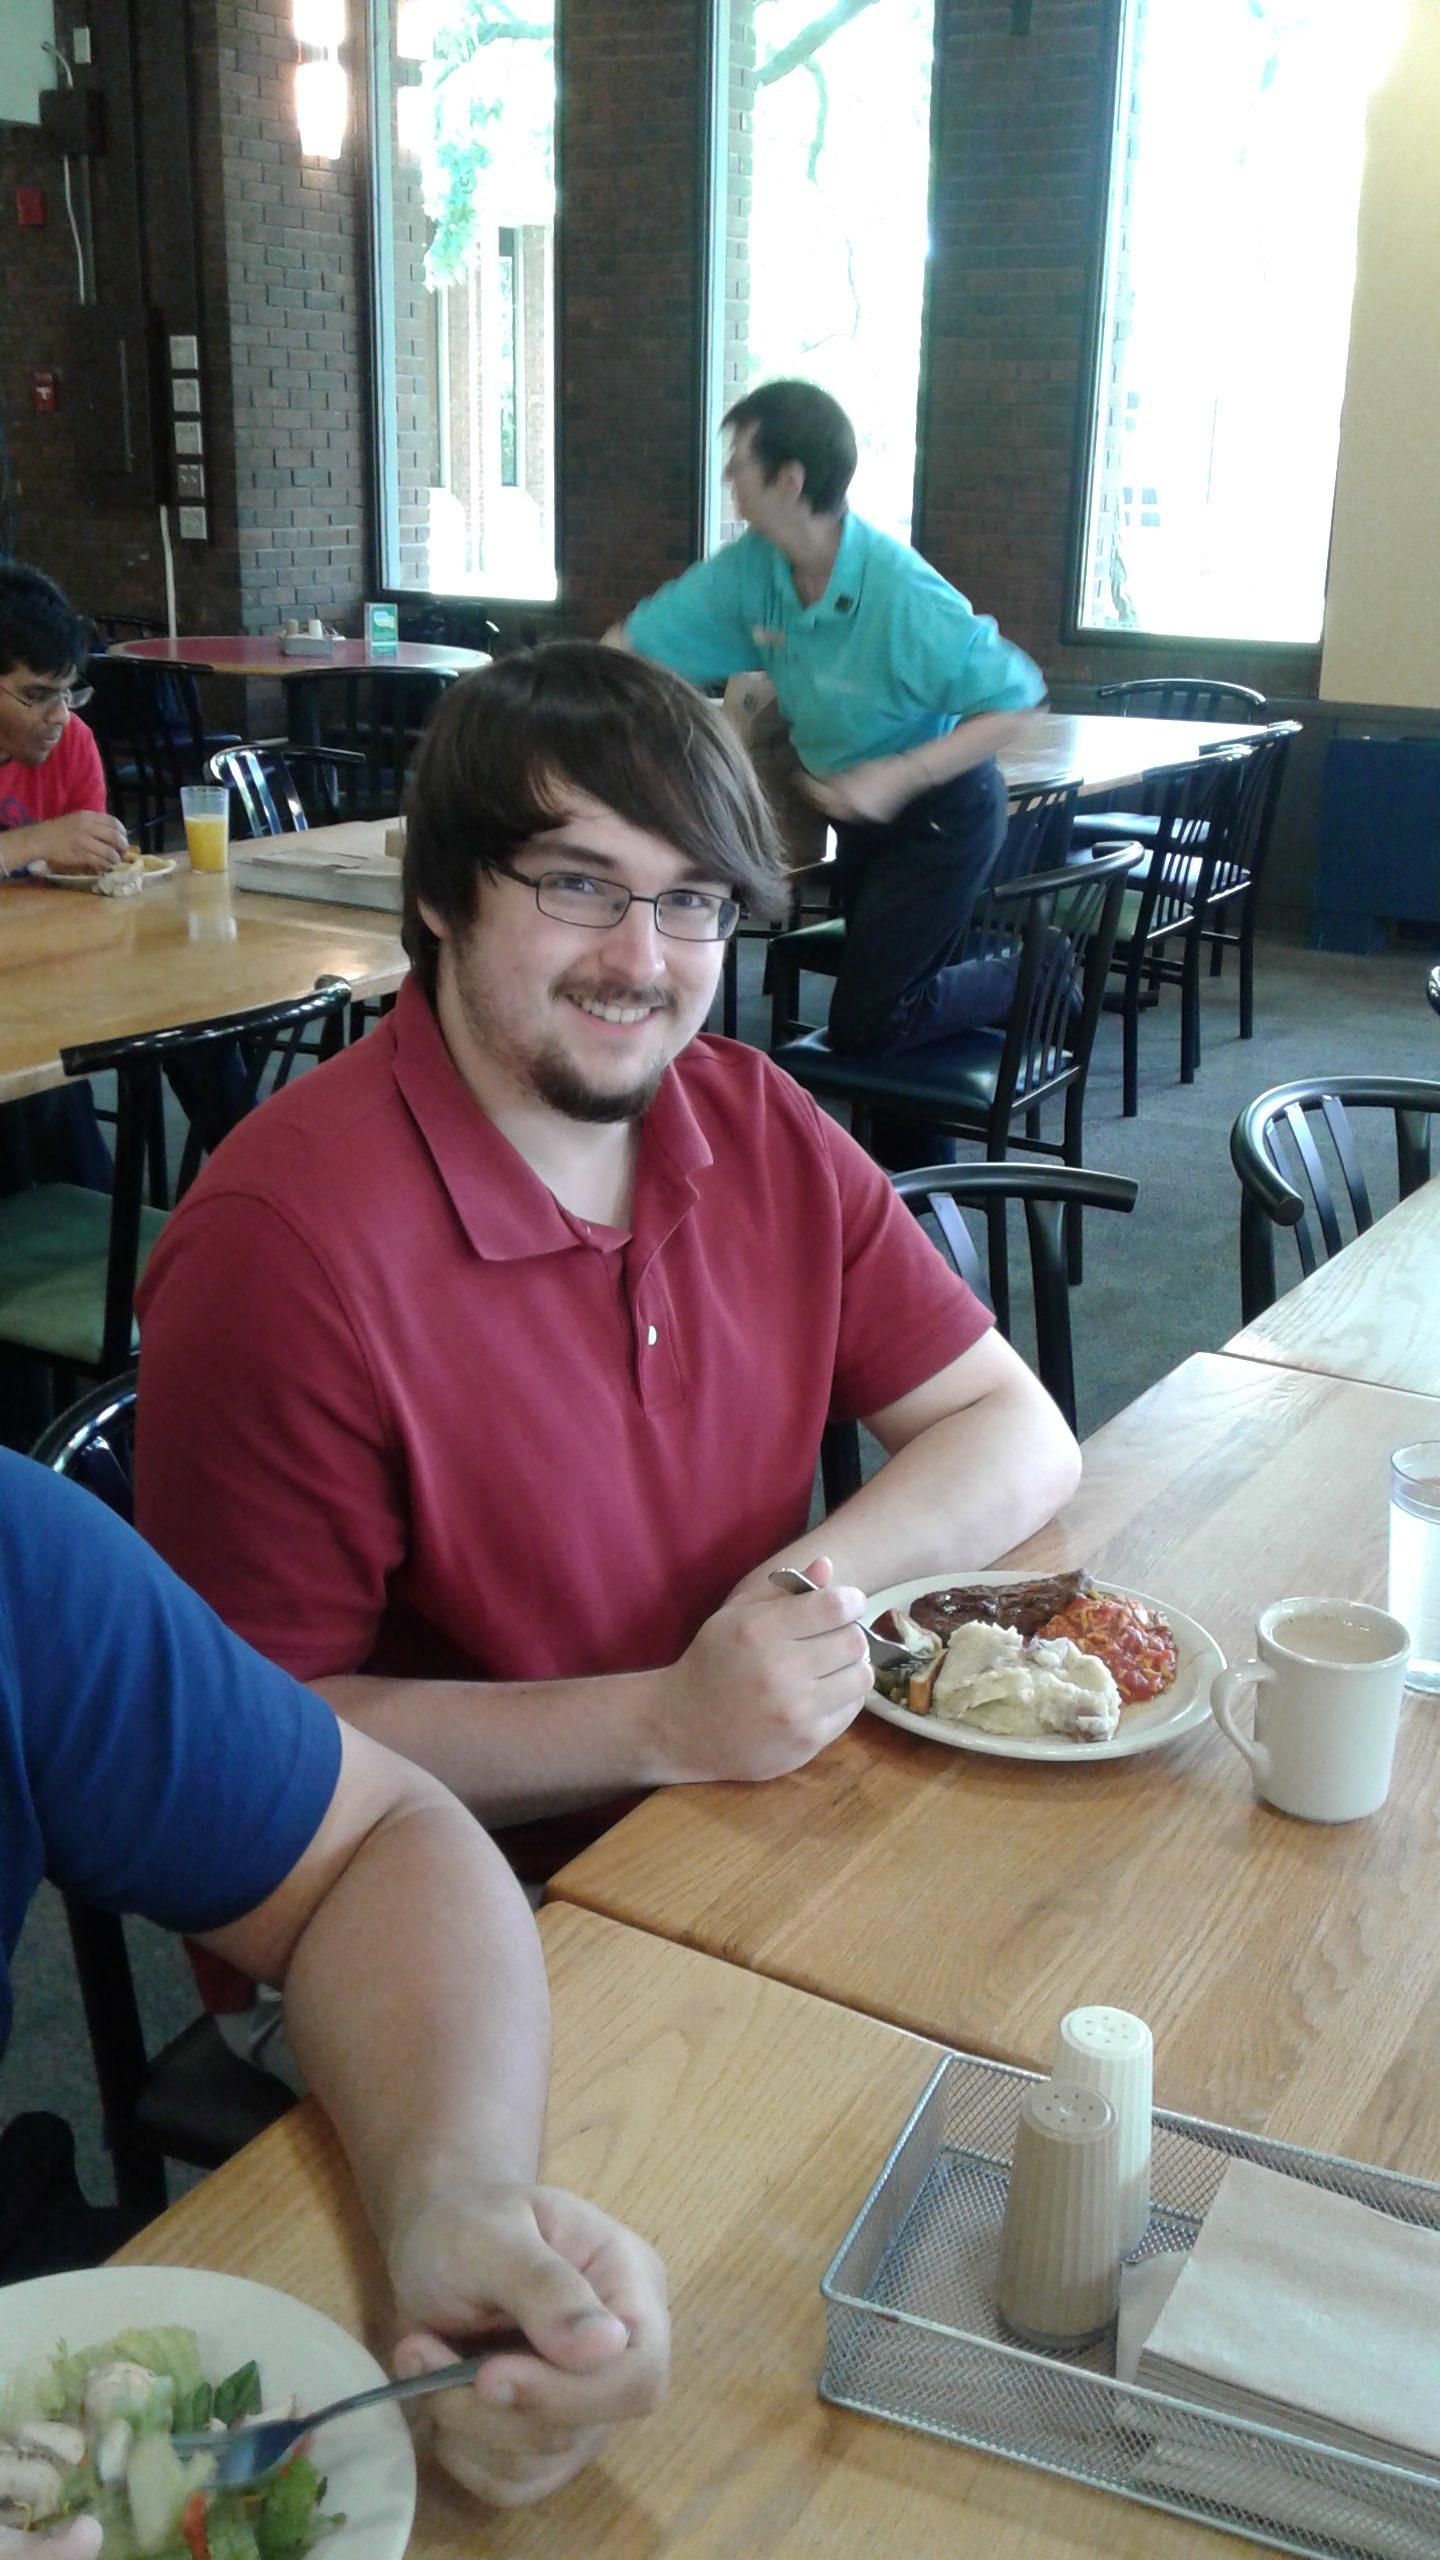 Bryan Wentz eats dhall food